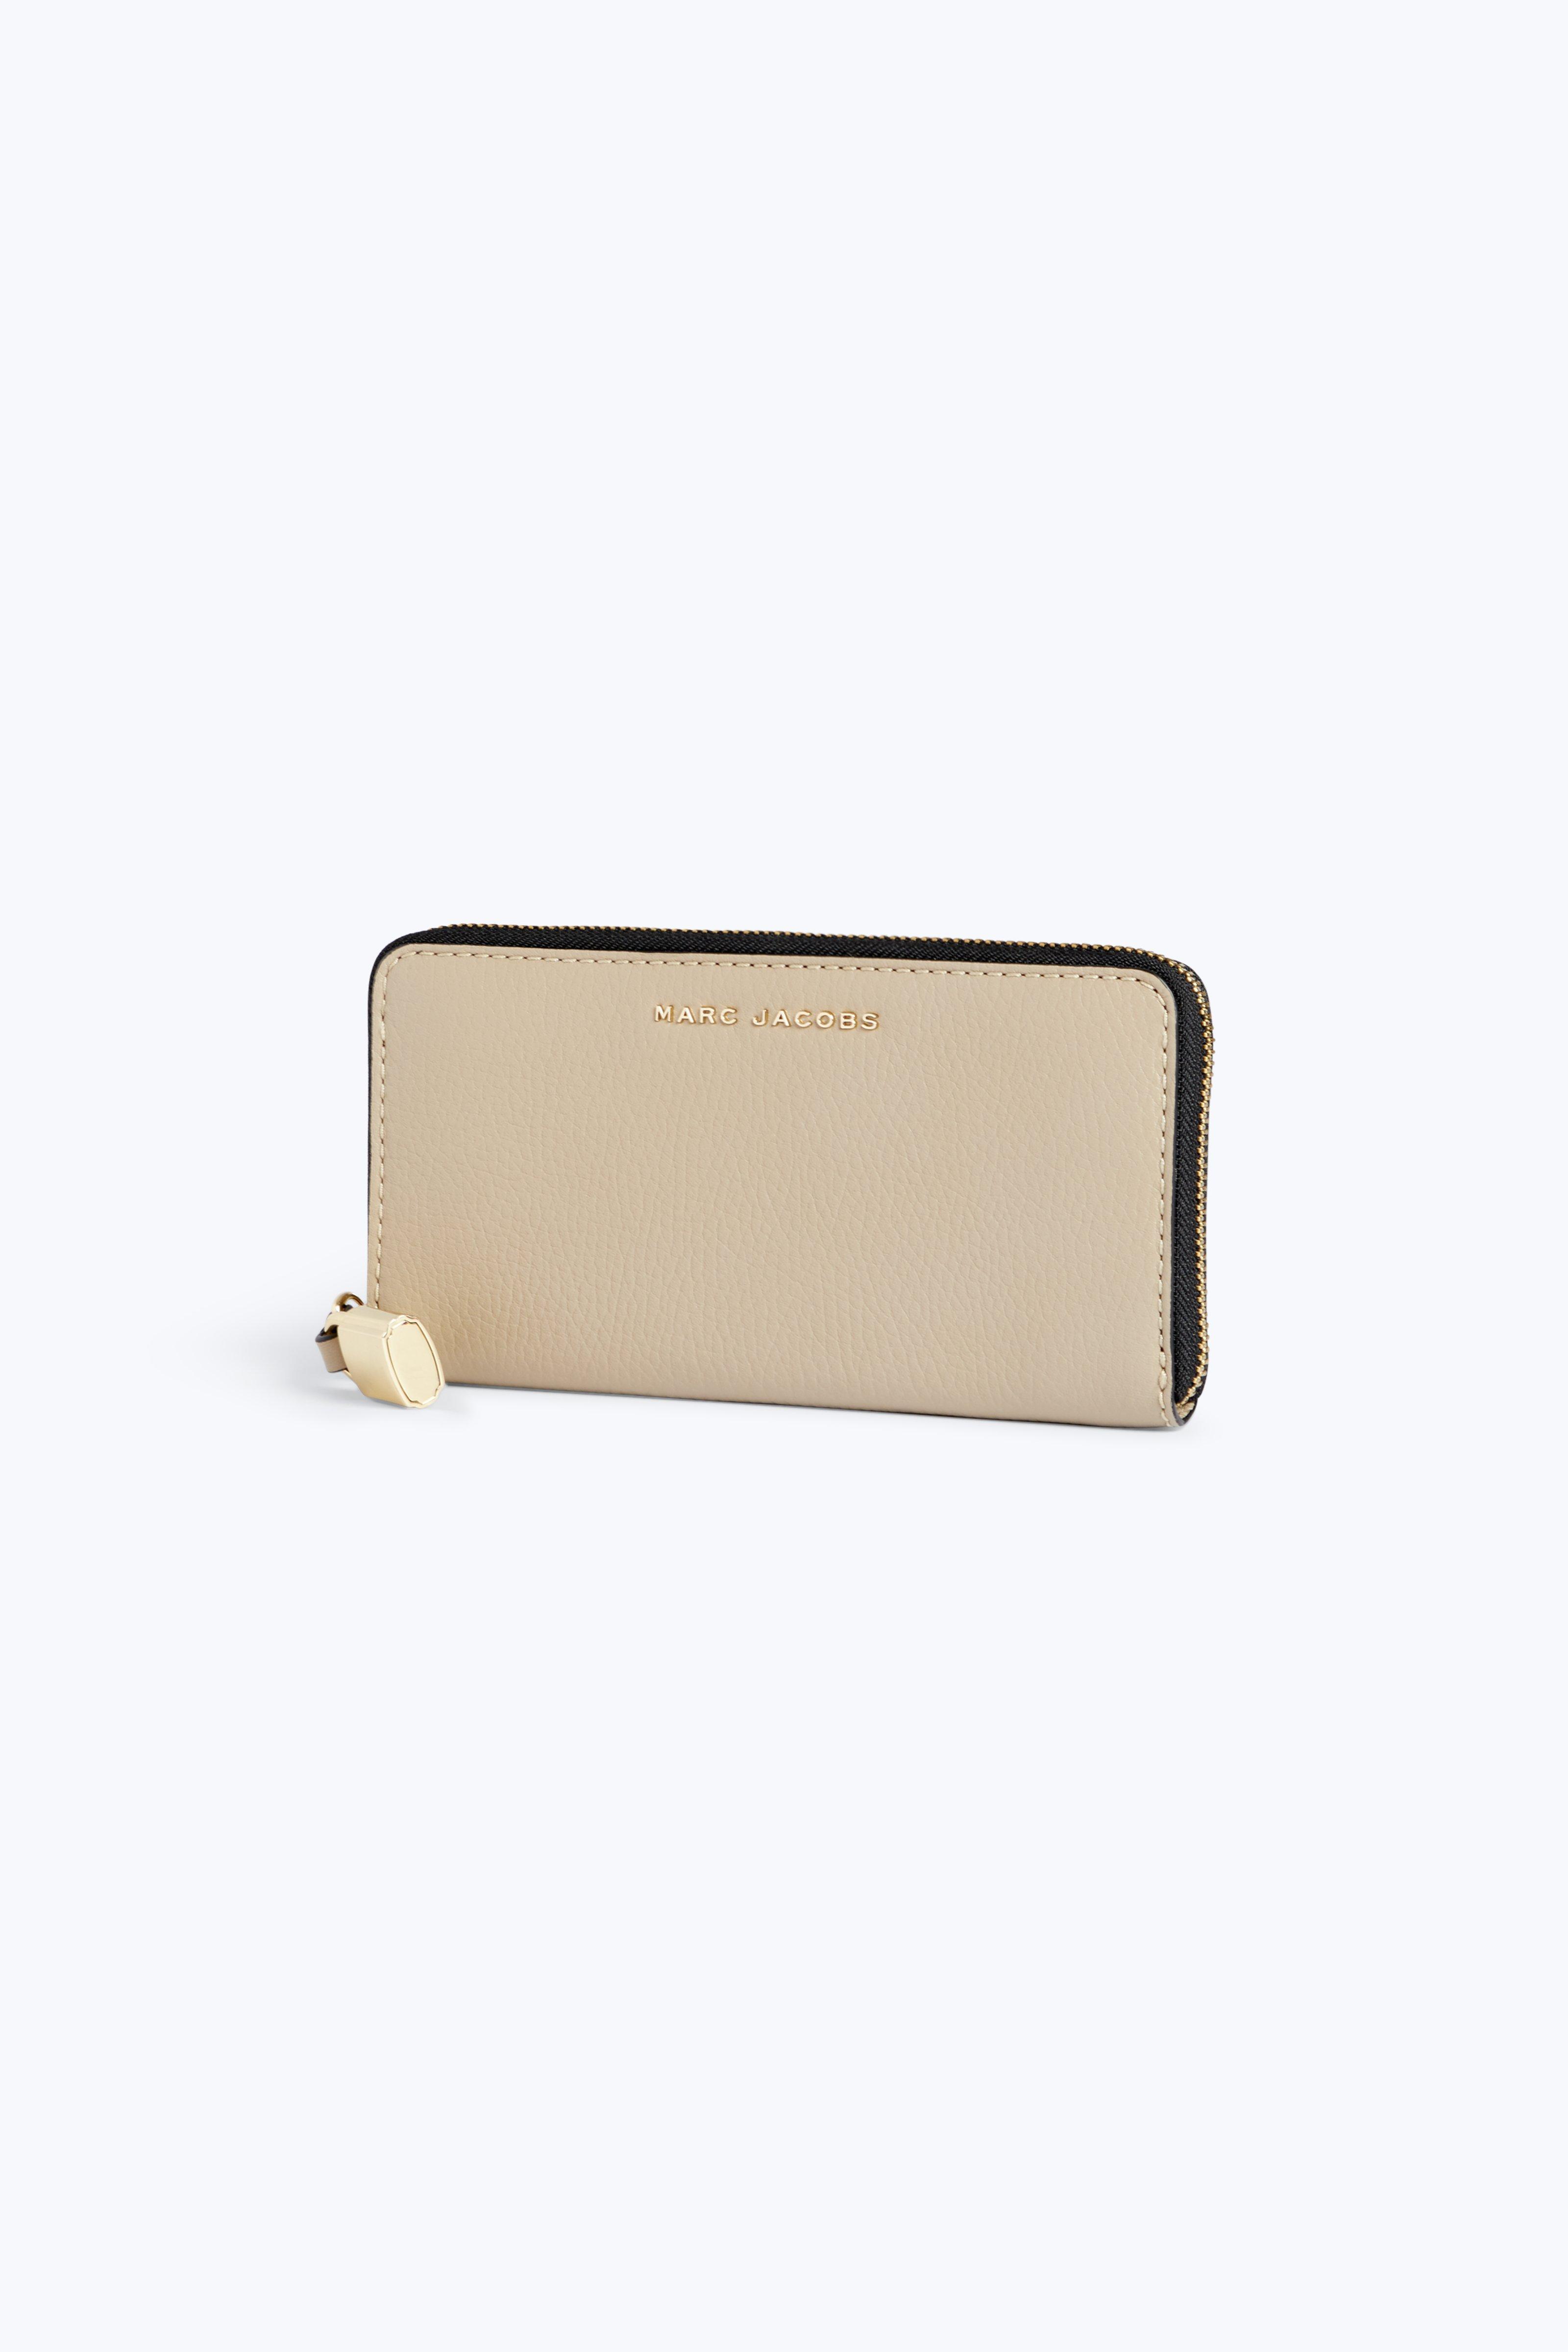 Le Porte-monnaie Continentale Classique Mouture En Cuir De Vache En Ardoise Clair Marc Jacobs qmQU60